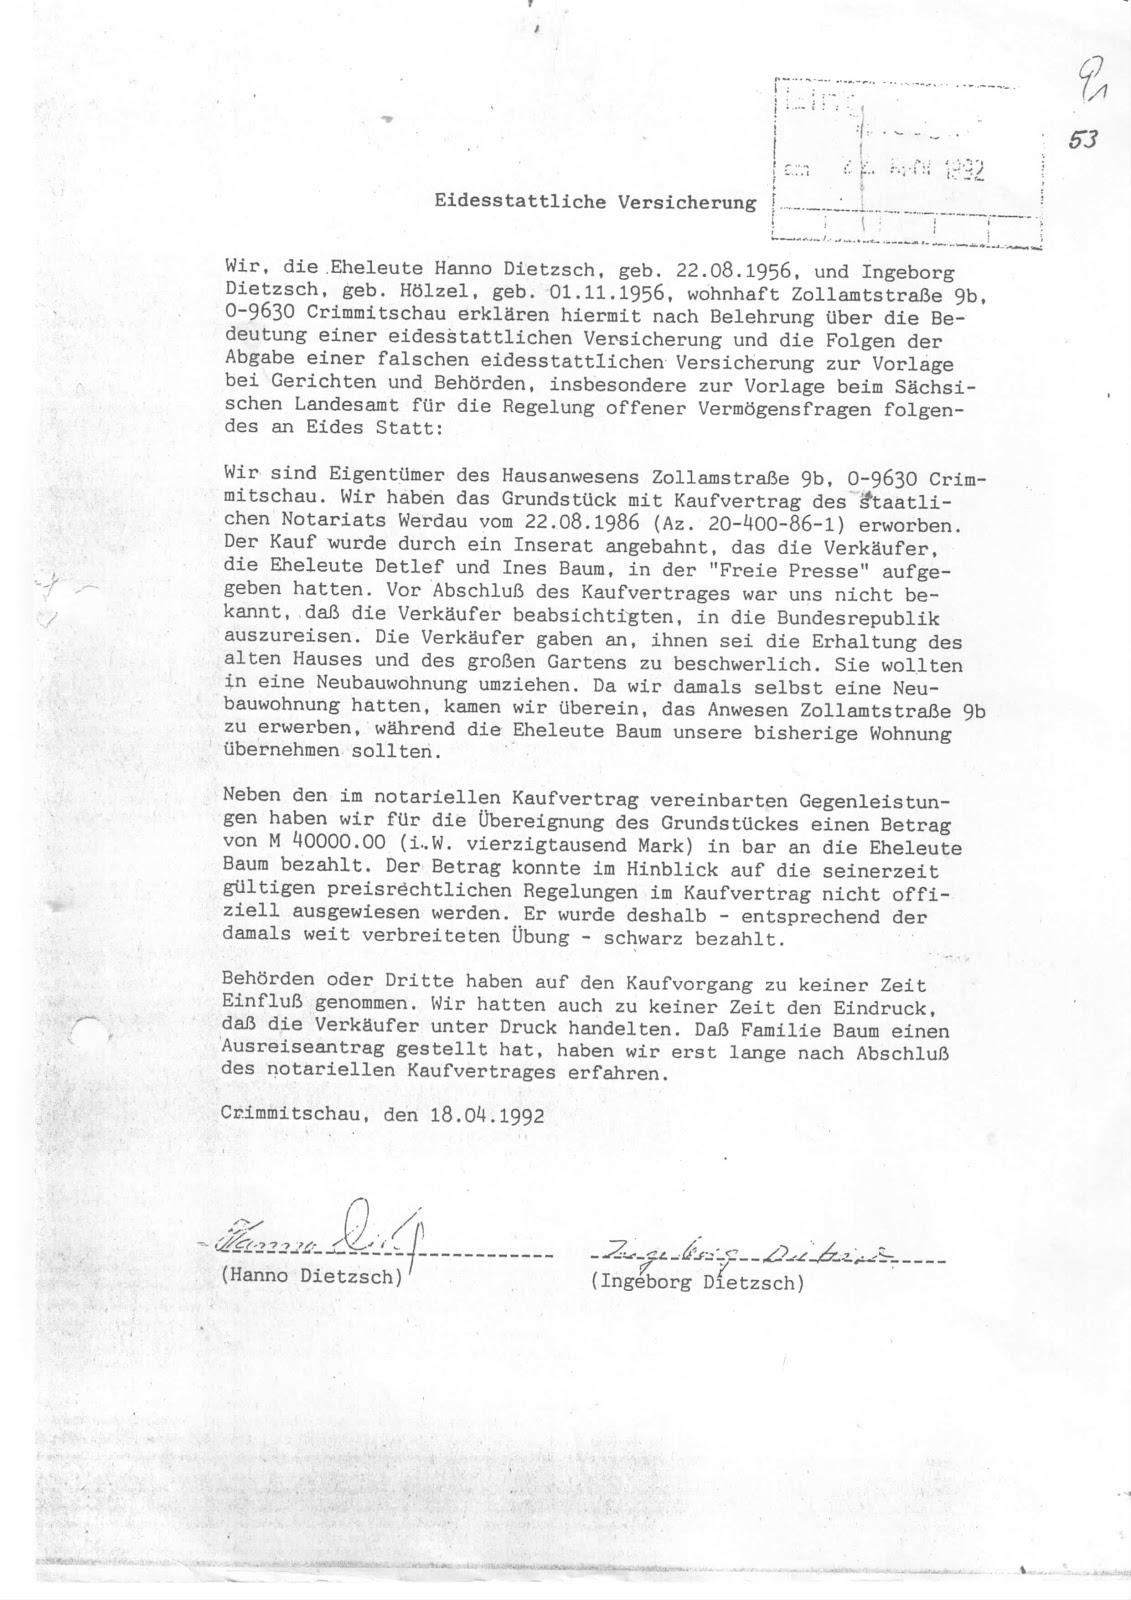 Vertreibung-Existenzentzug-Enteignung-Diskriminierung-Entwürdigung ...